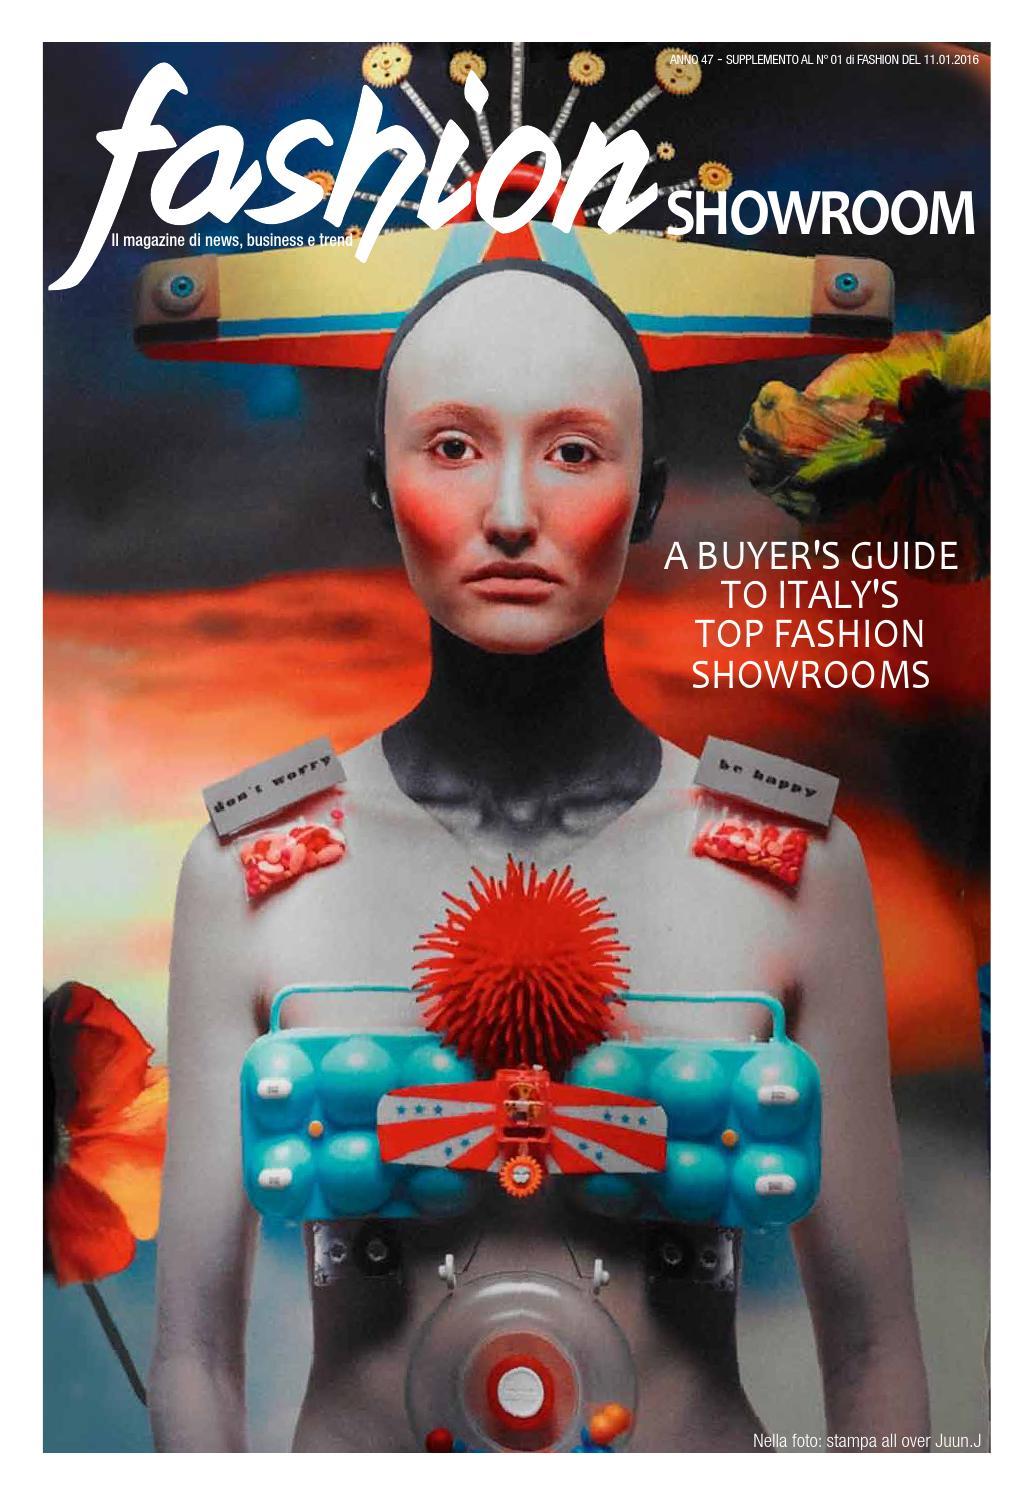 Fashion Showroom gen 2016 by Fashionmagazine - issuu f812a51d272